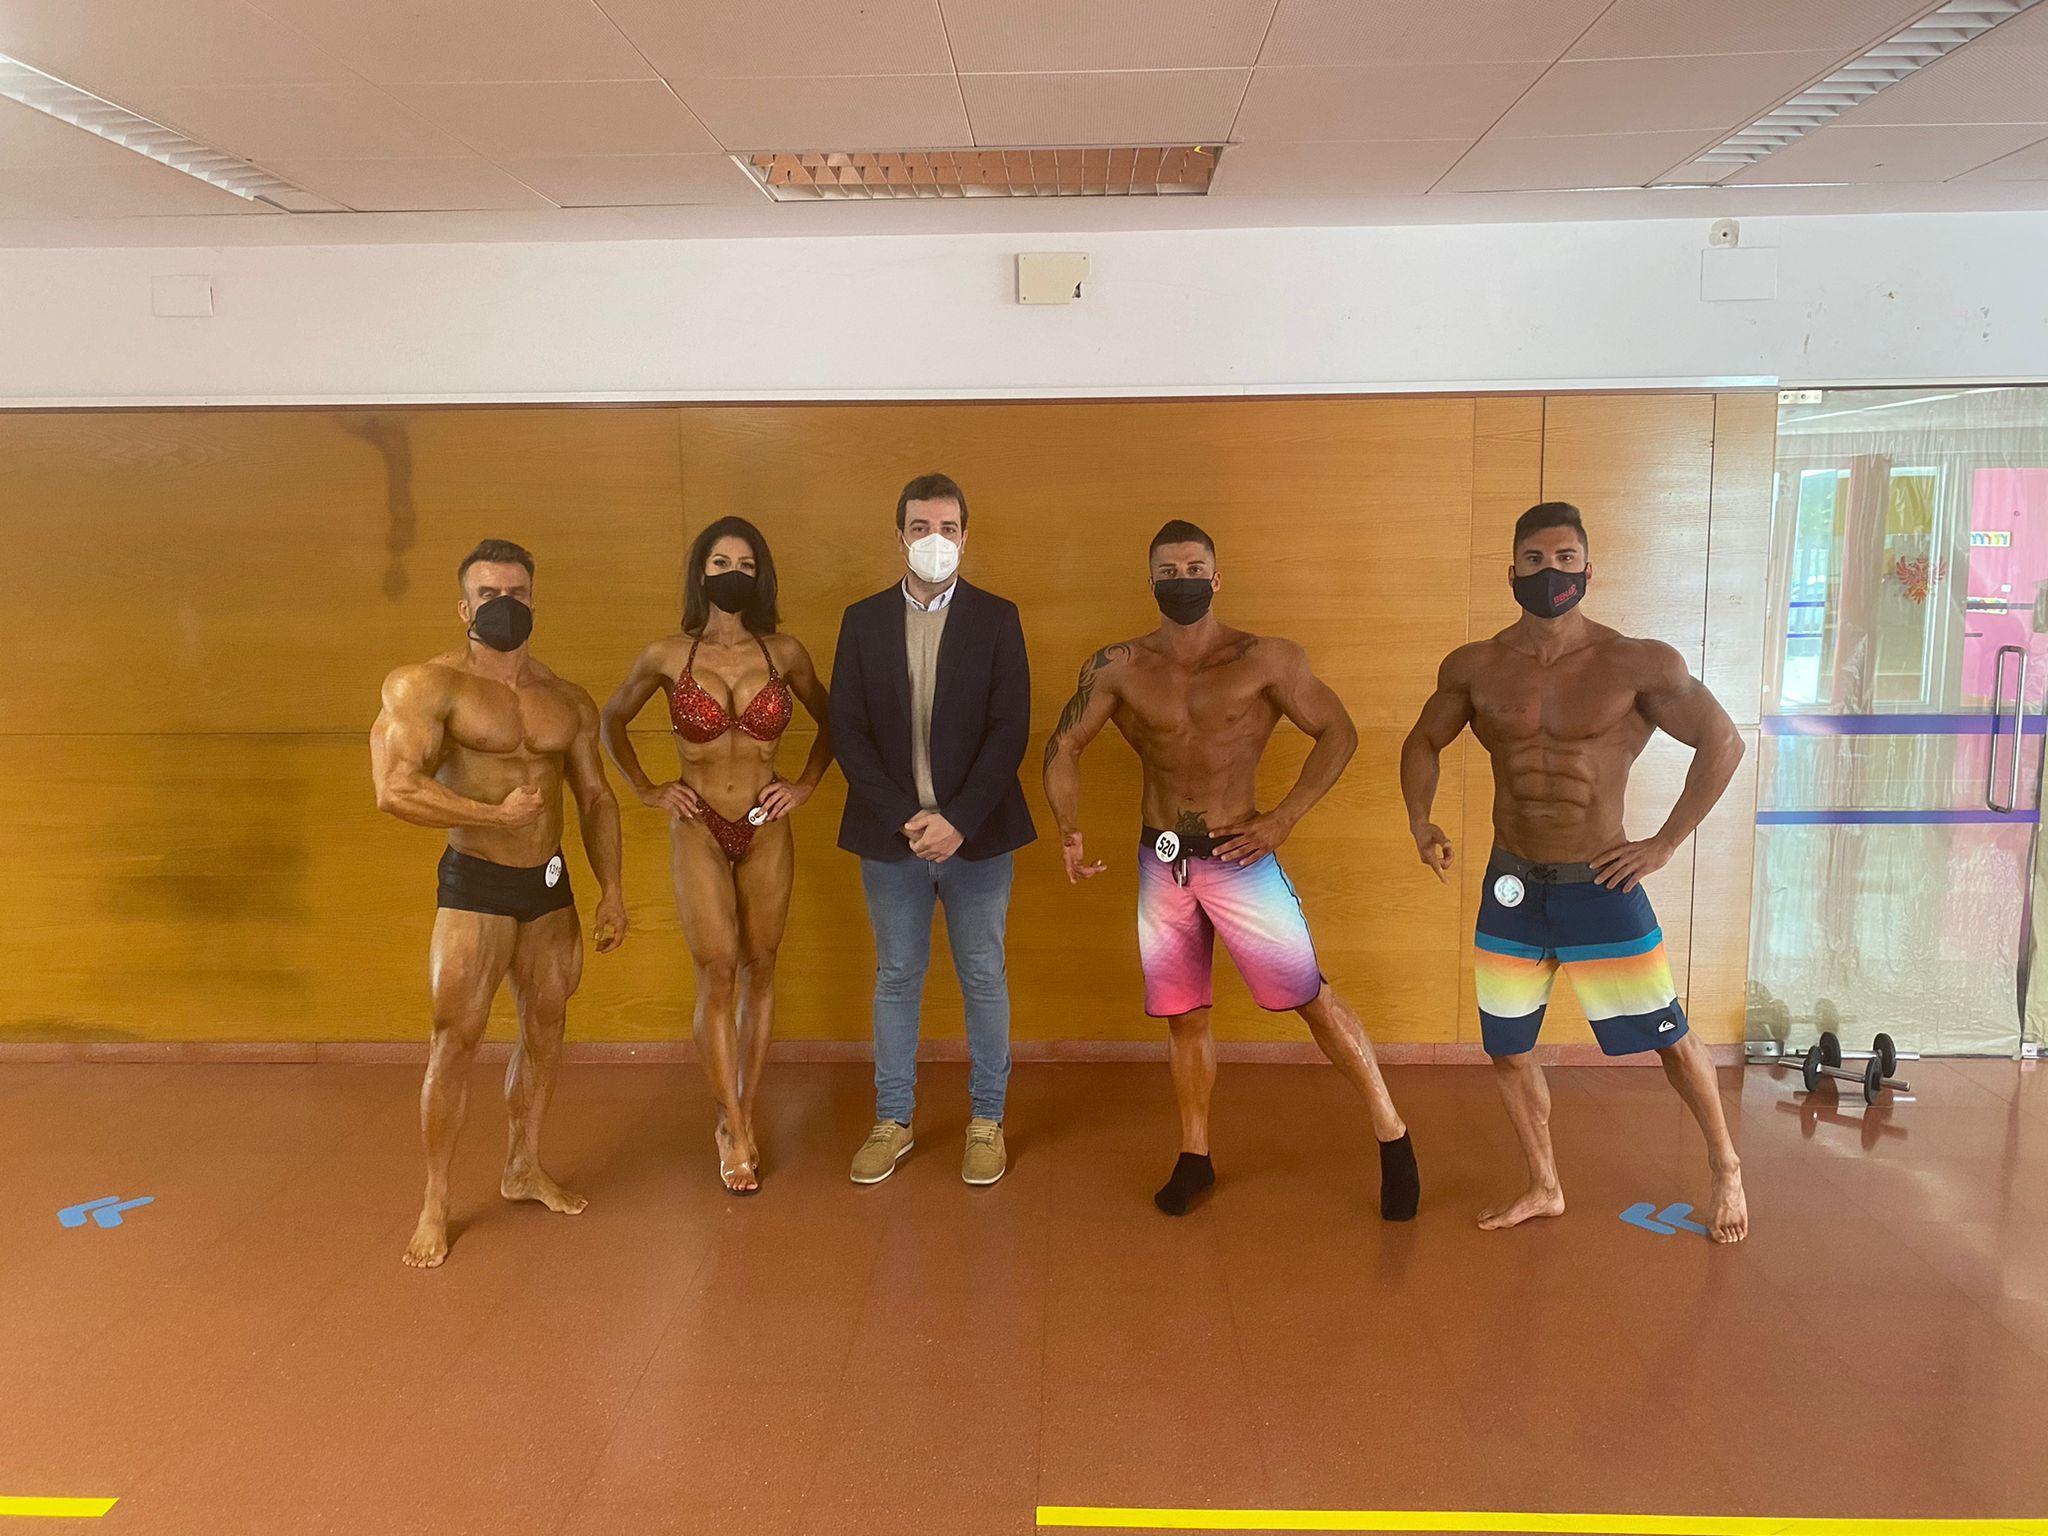 Los mejores atletas de fisioculturismo se dan cita en Toledo con apoyo municipal, en un torneo previo a Campeonato de Europa